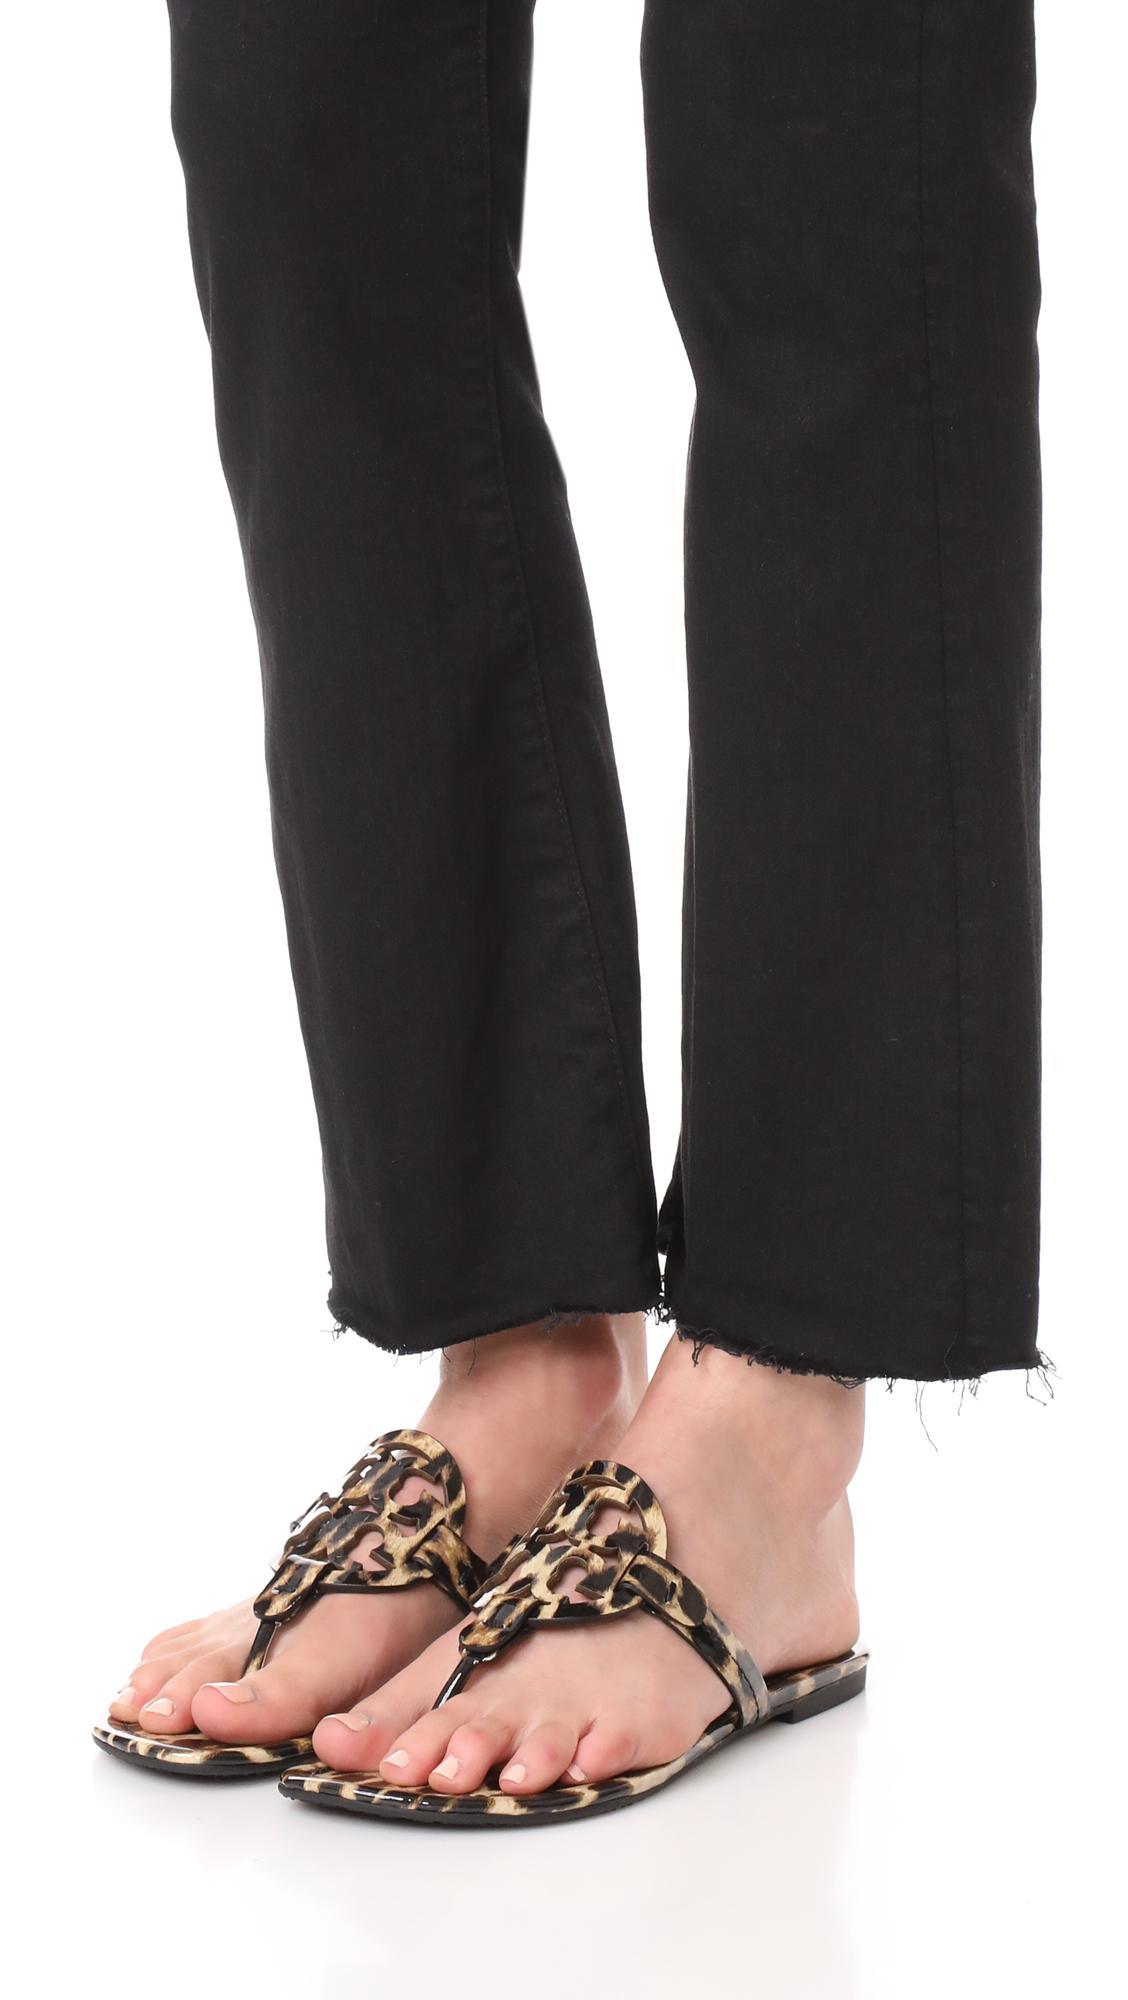 tory burch miller sandals cheetah